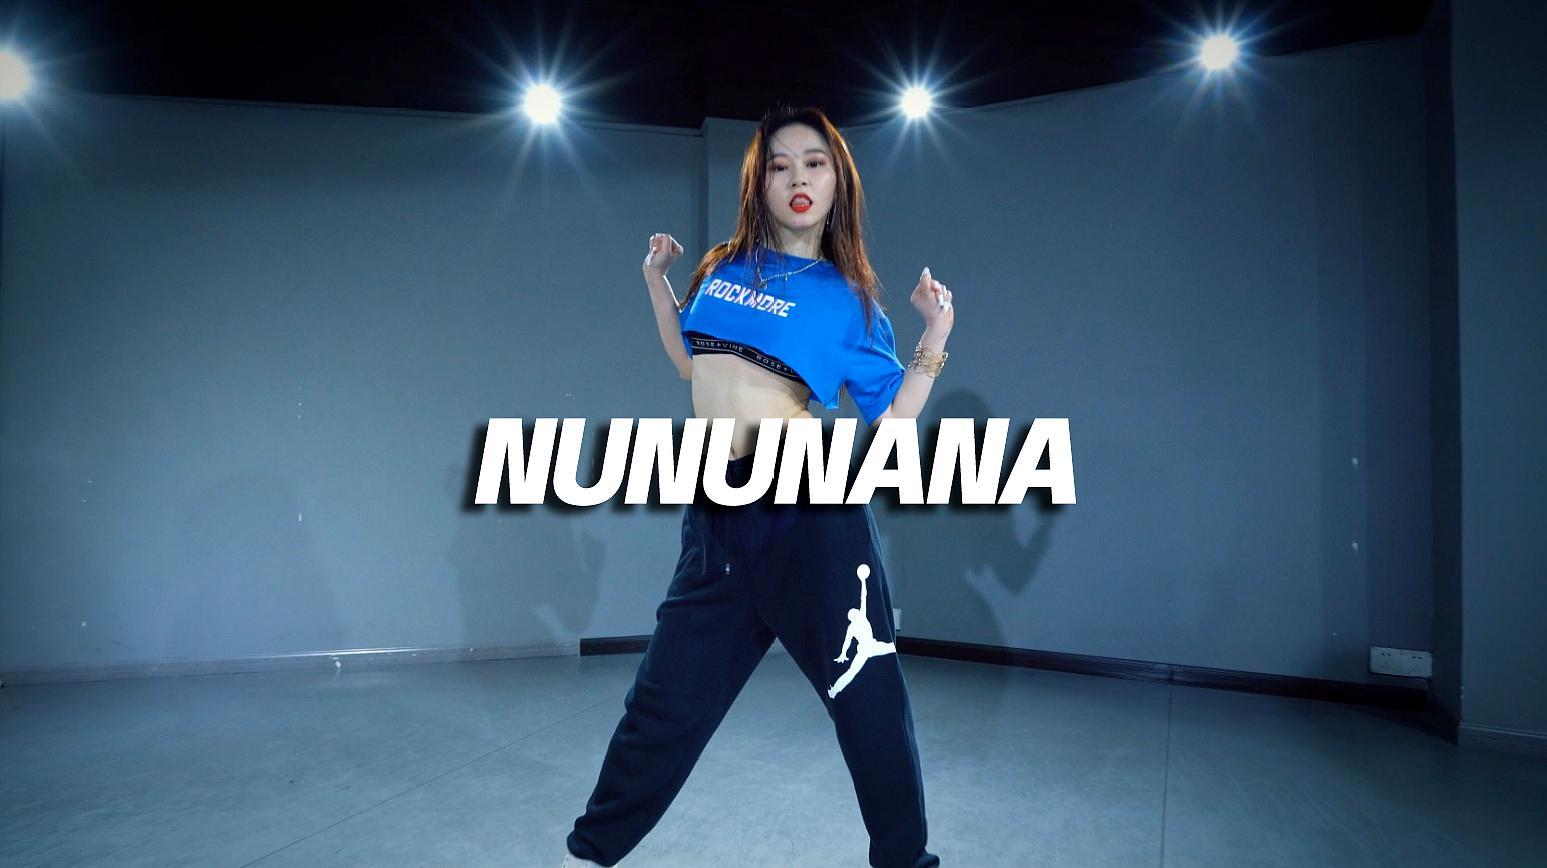 苗苗cover Jessi《NUNUNANA》,性感酷拽风格